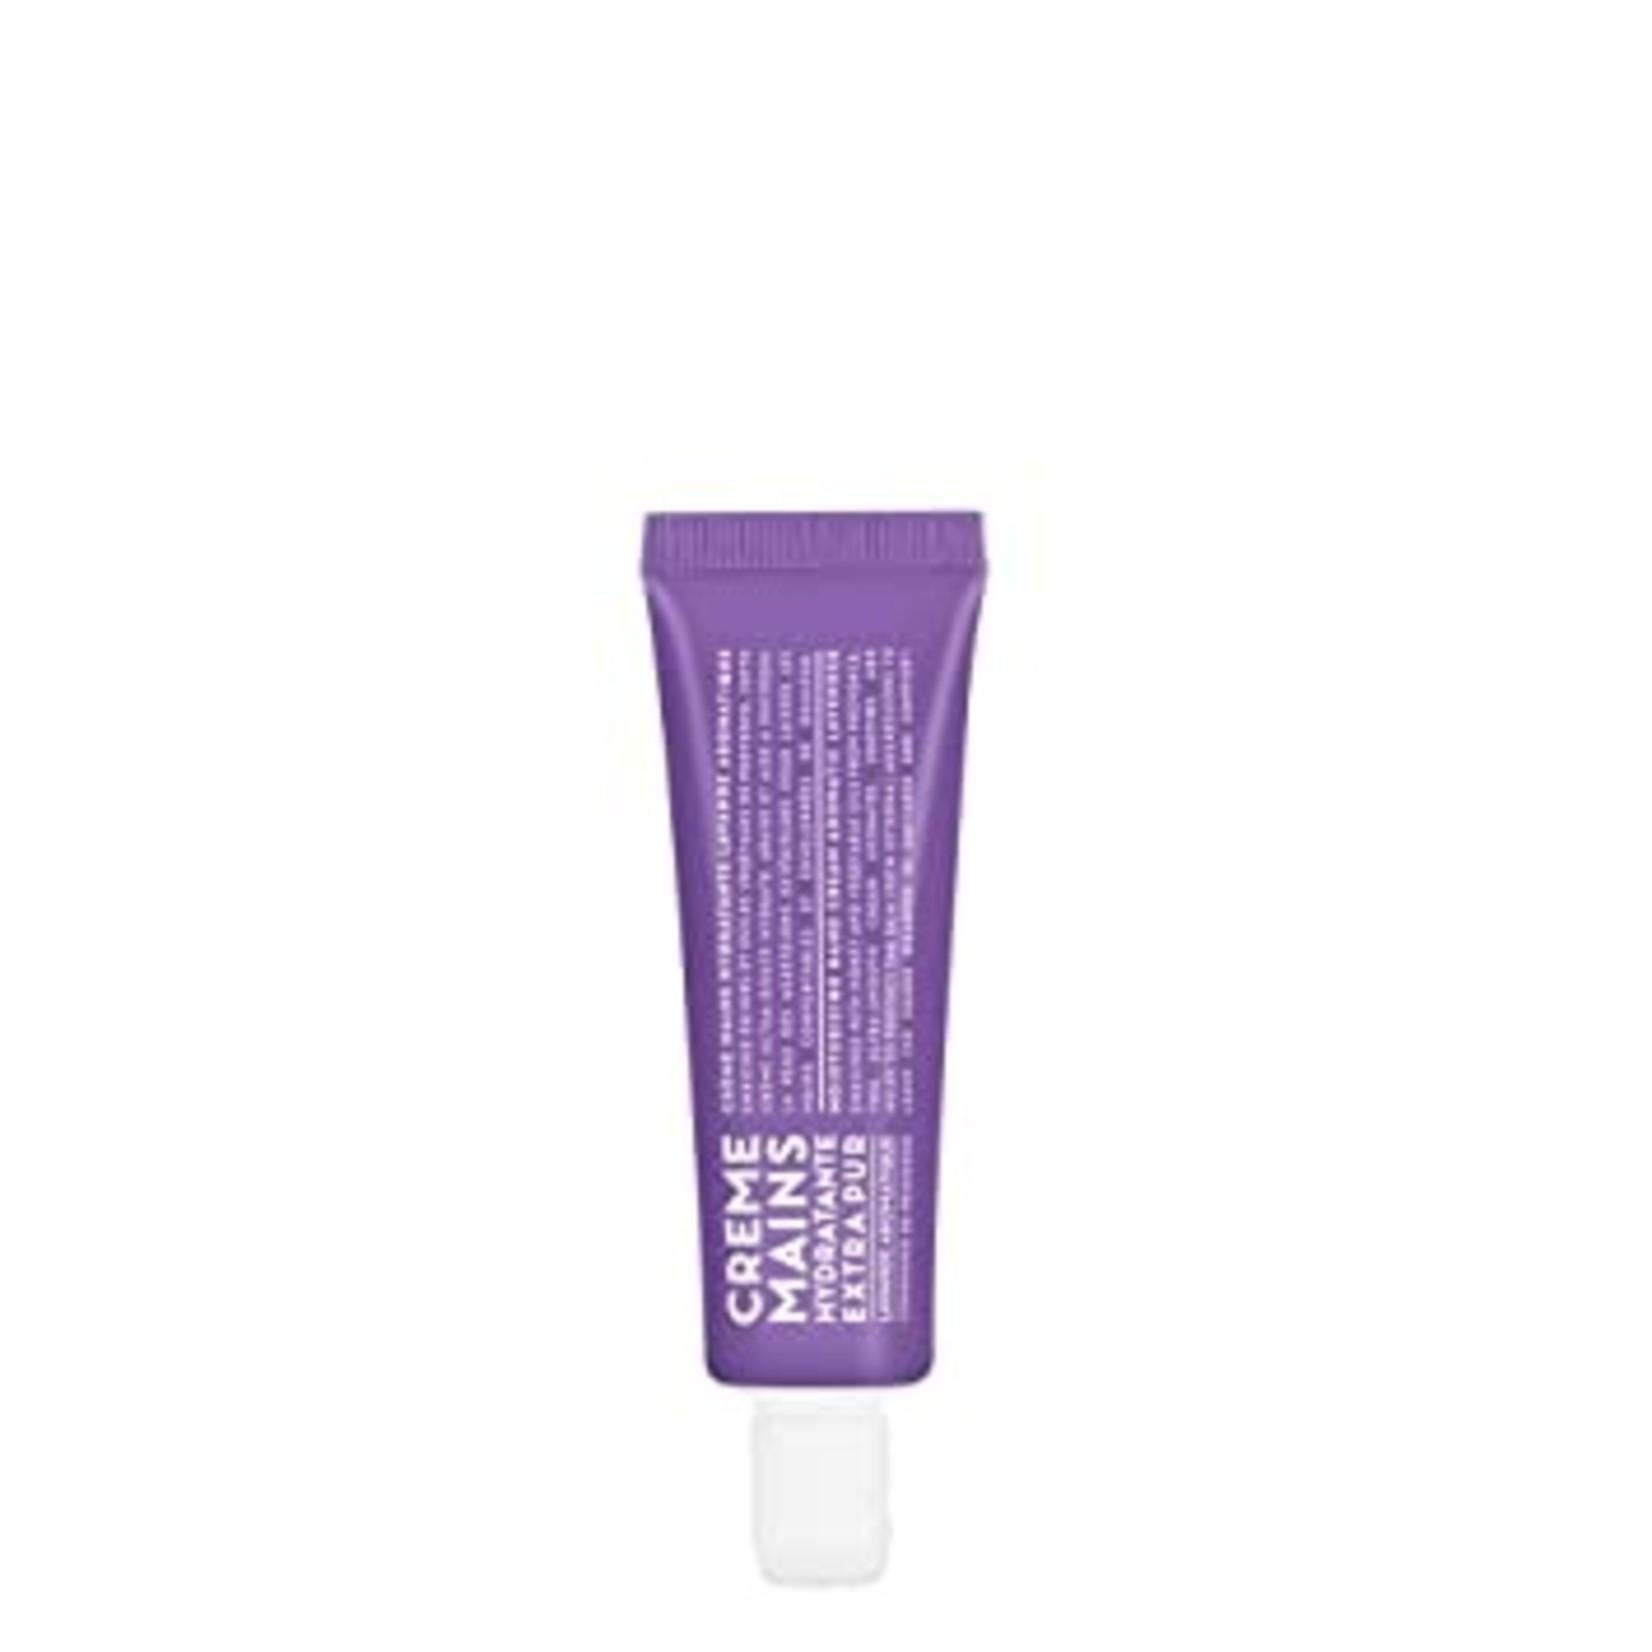 Compagnie de Provence Travel Hand Creams